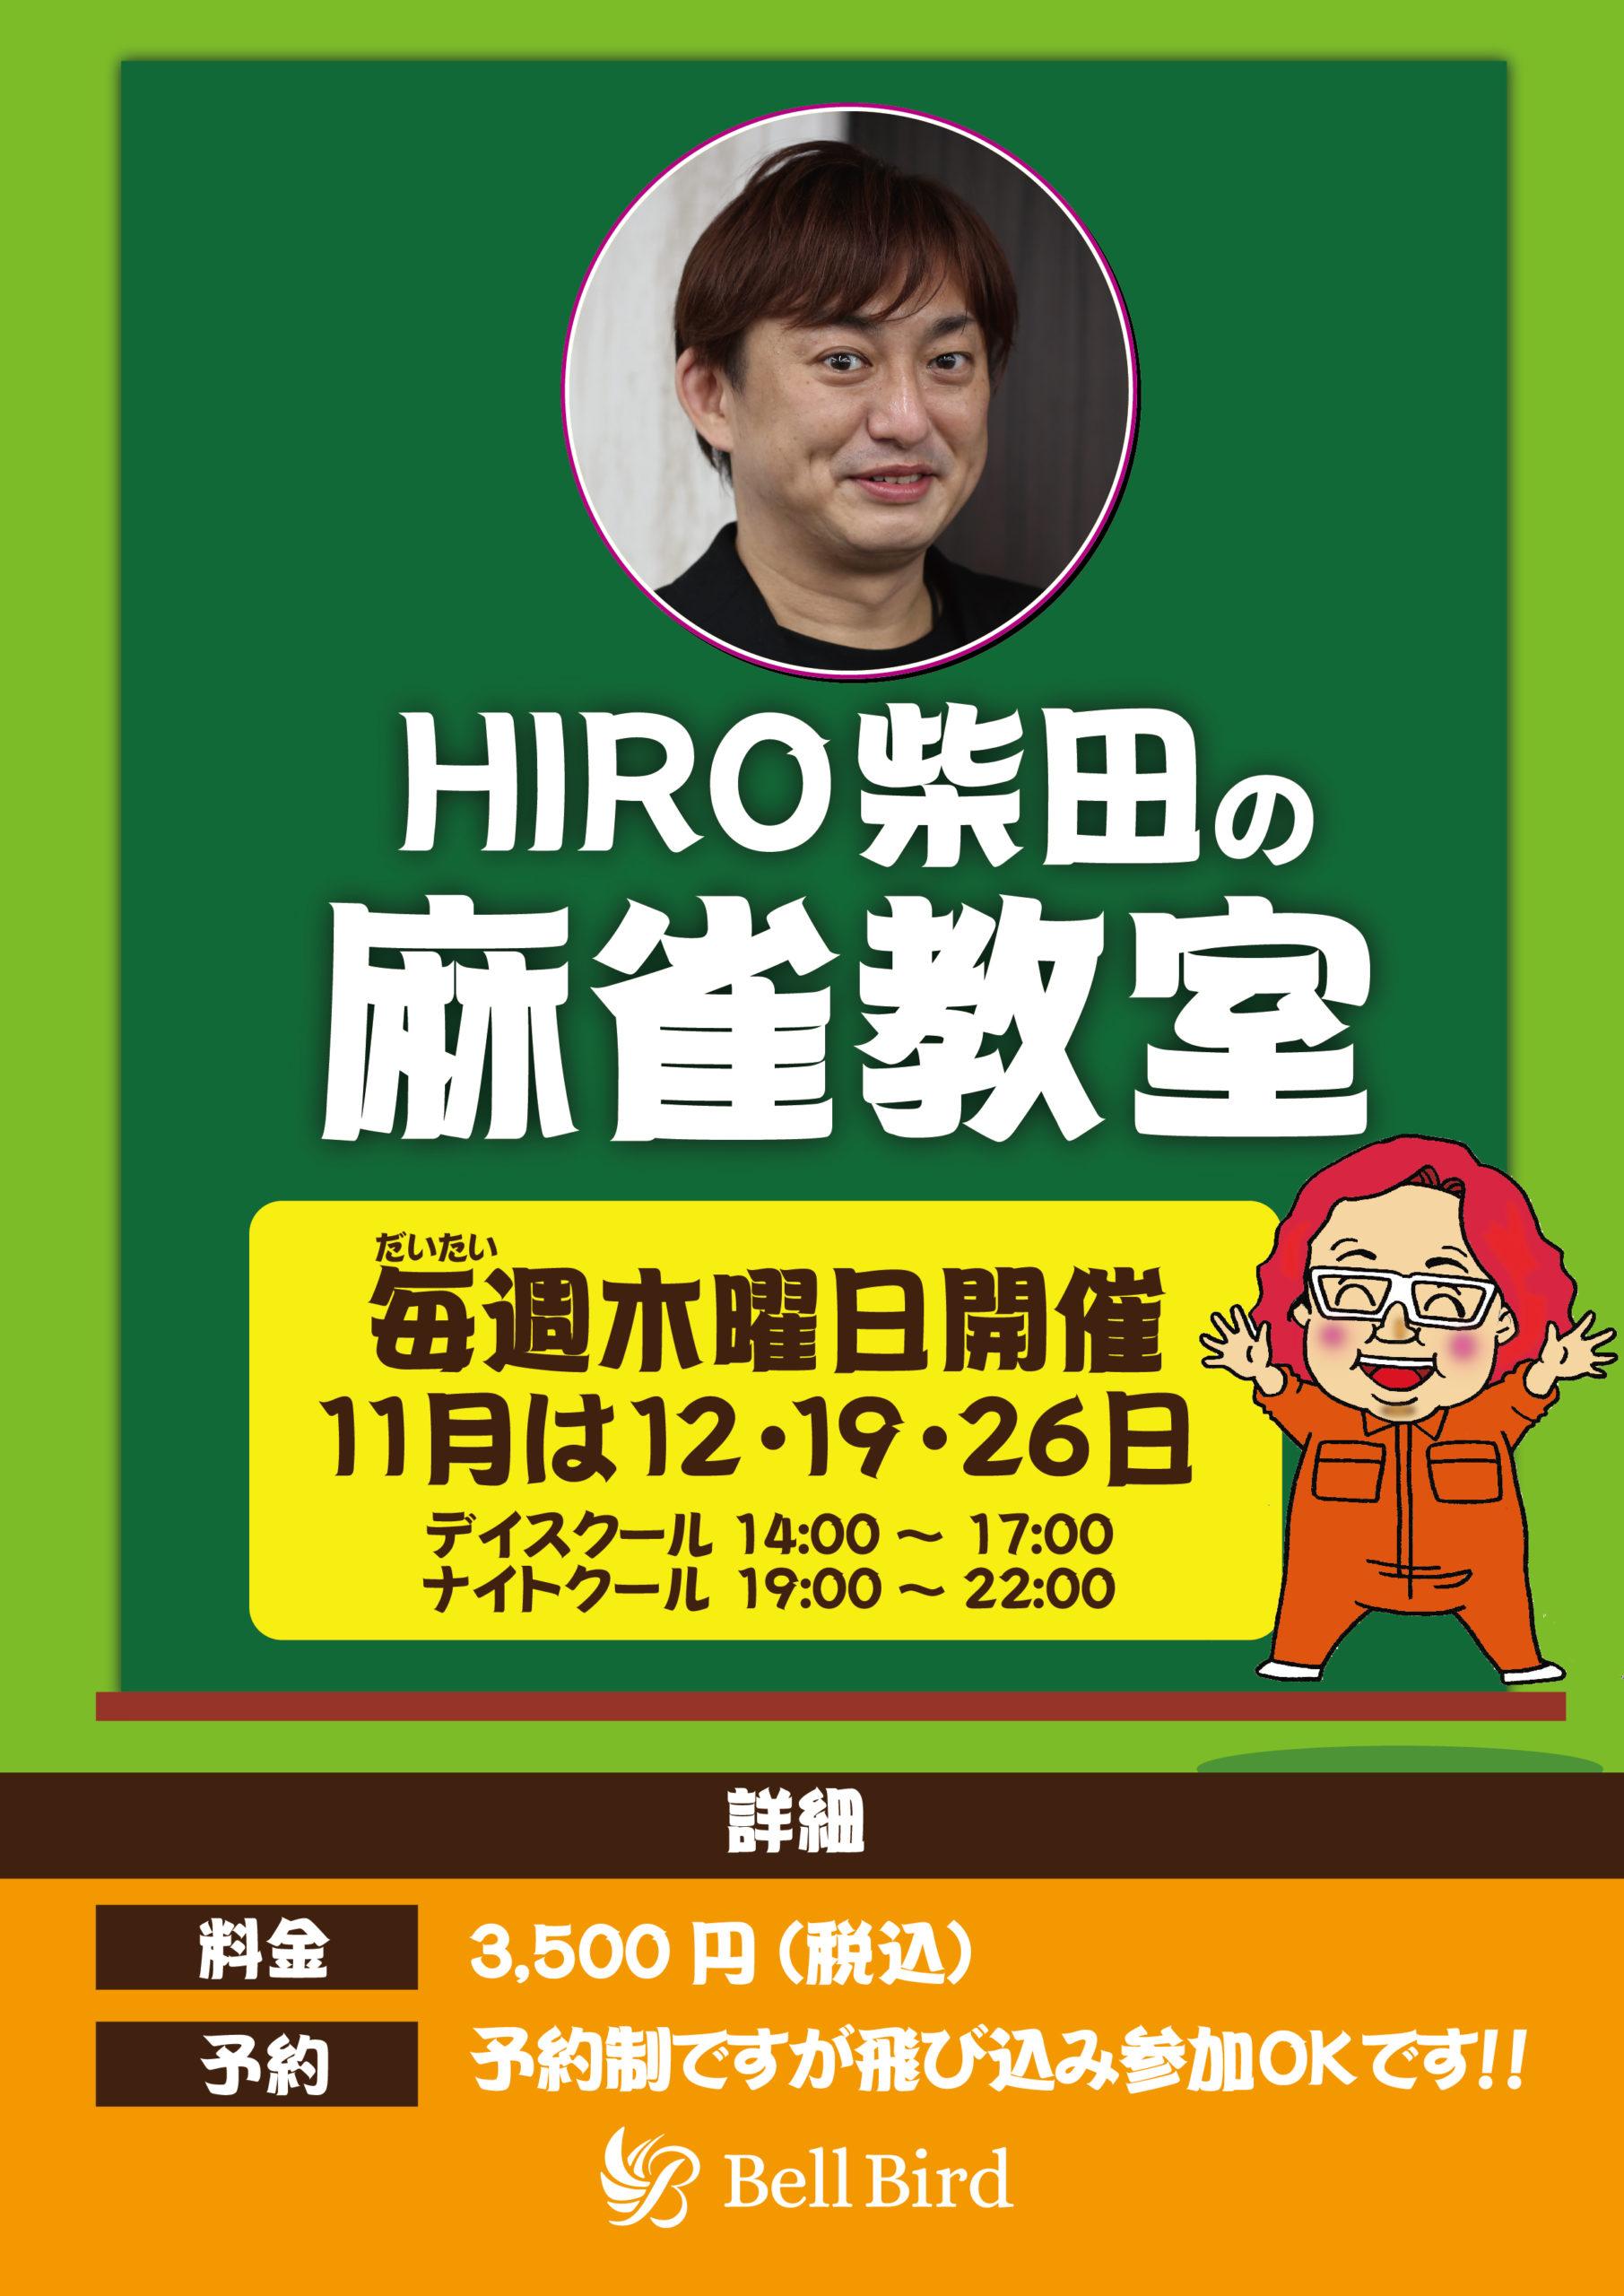 HIRO柴田_アートボード 1